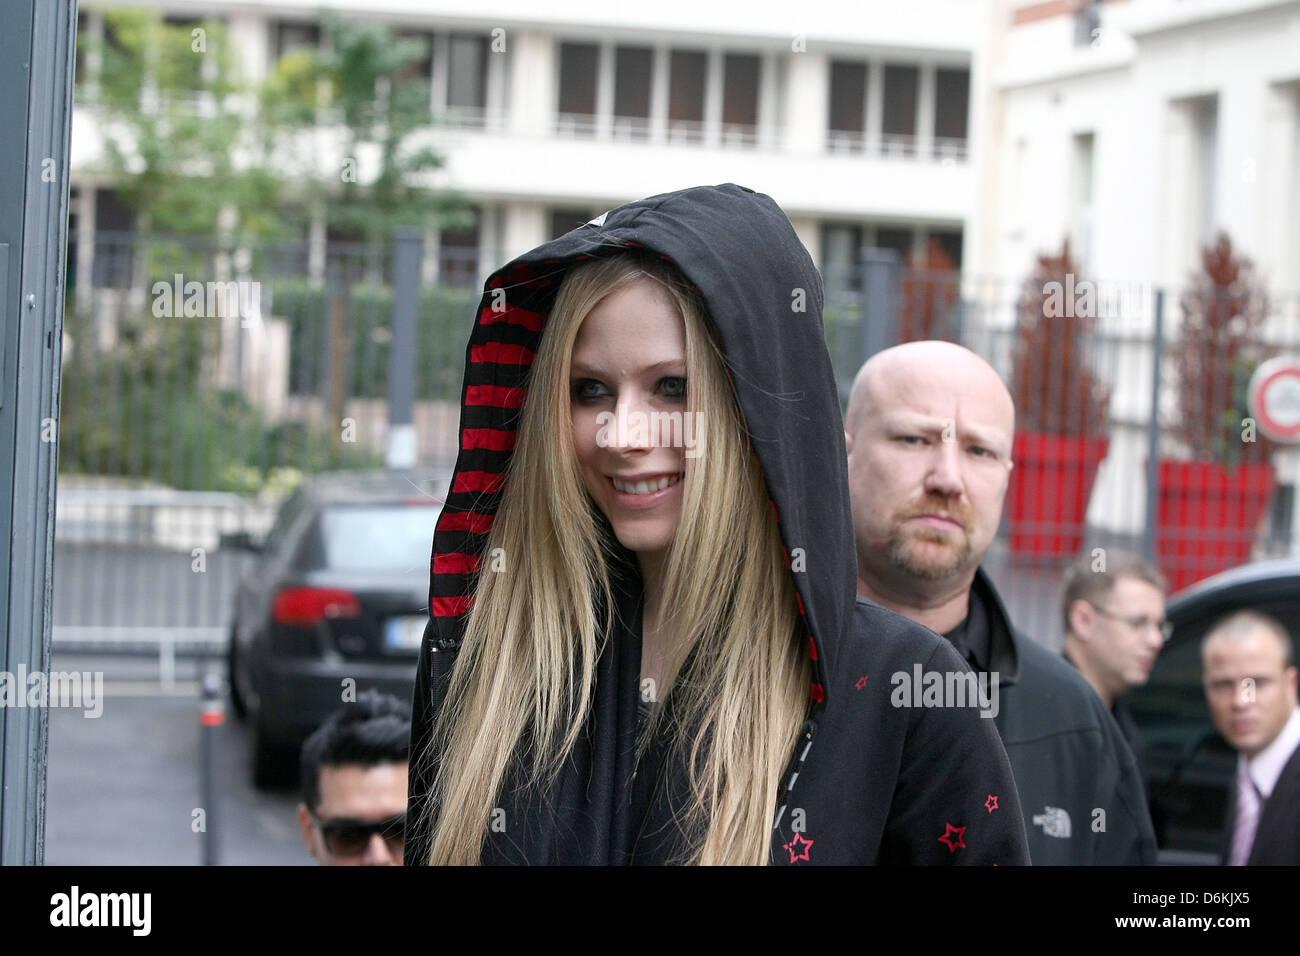 Avril Lavigne When She Was 11